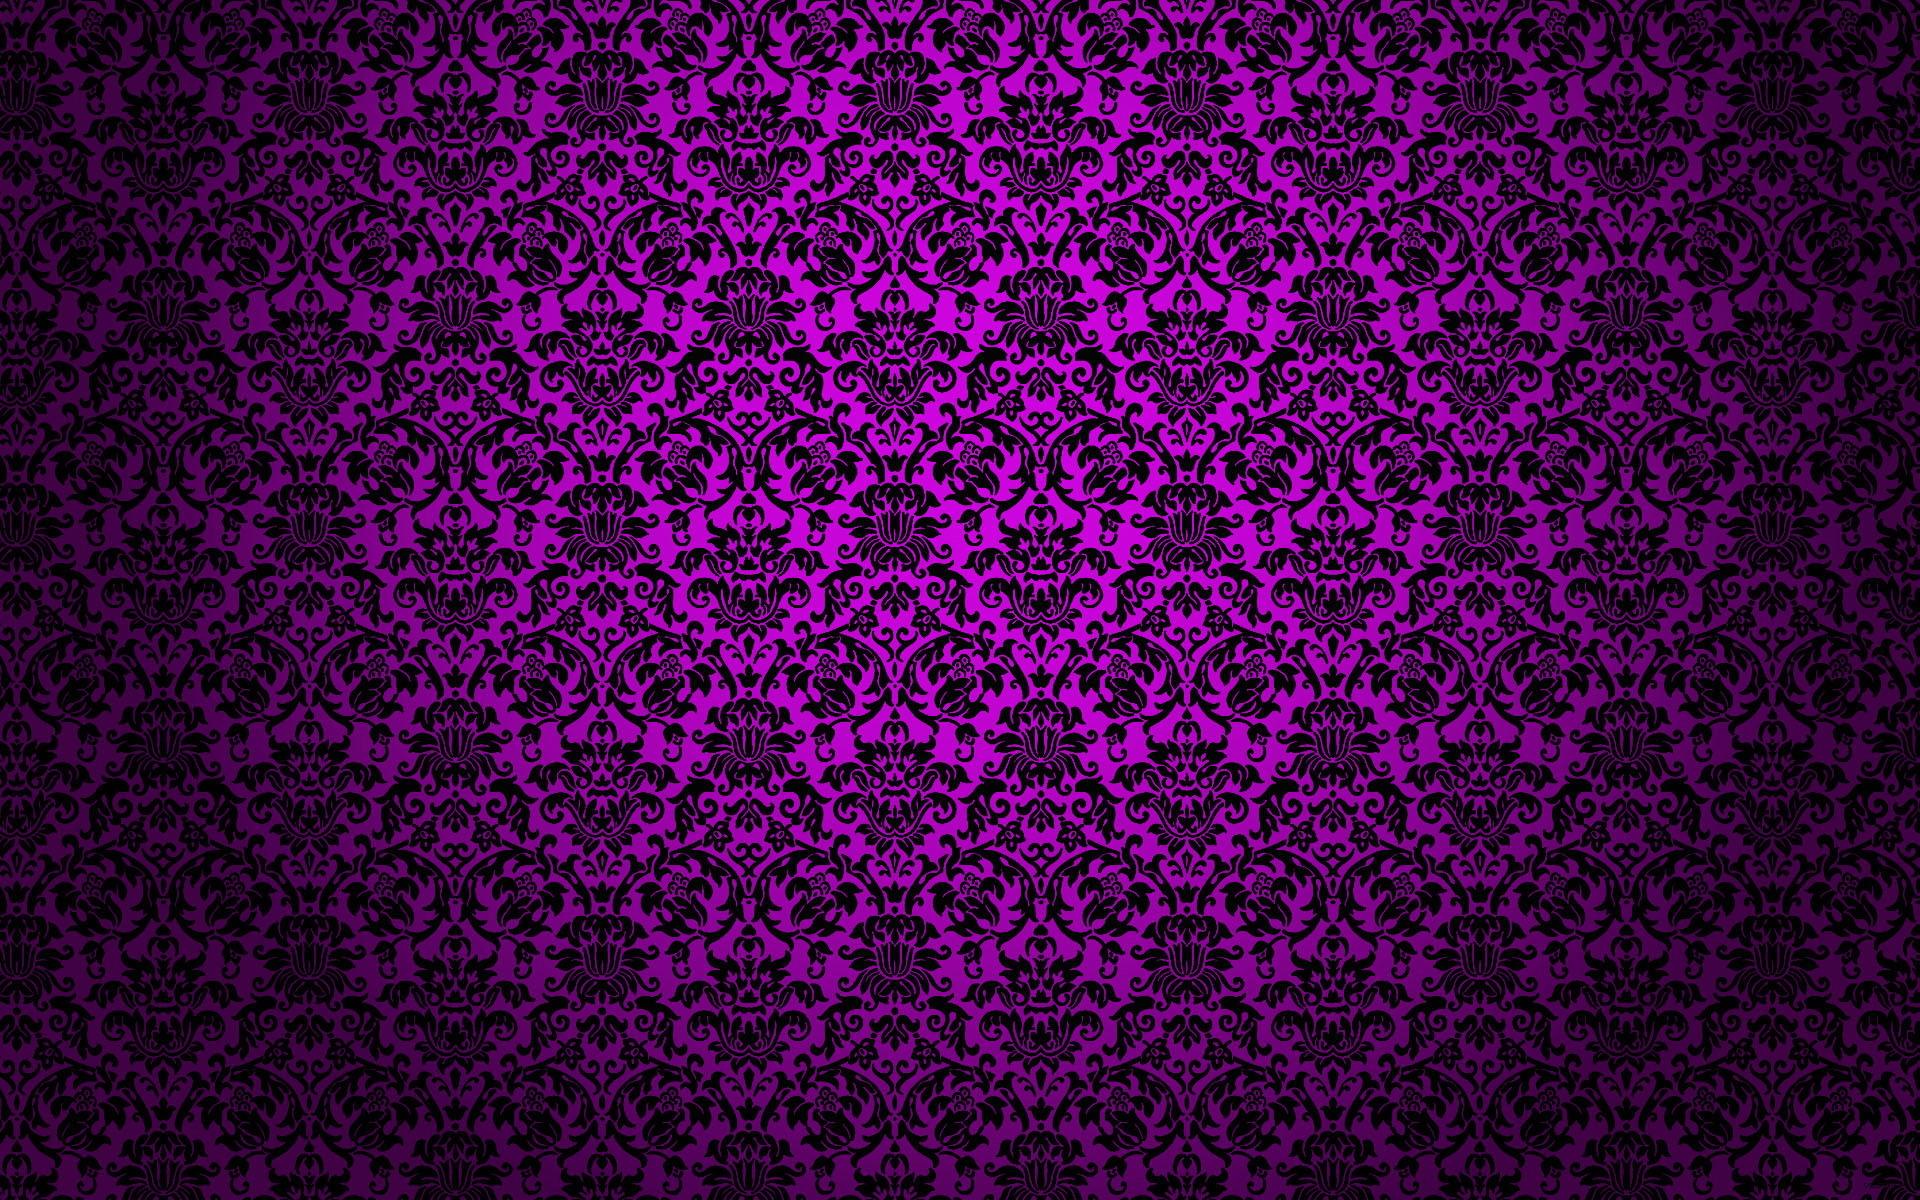 20197 скачать Фиолетовые обои на телефон бесплатно, Фон, Узоры Фиолетовые картинки и заставки на мобильный